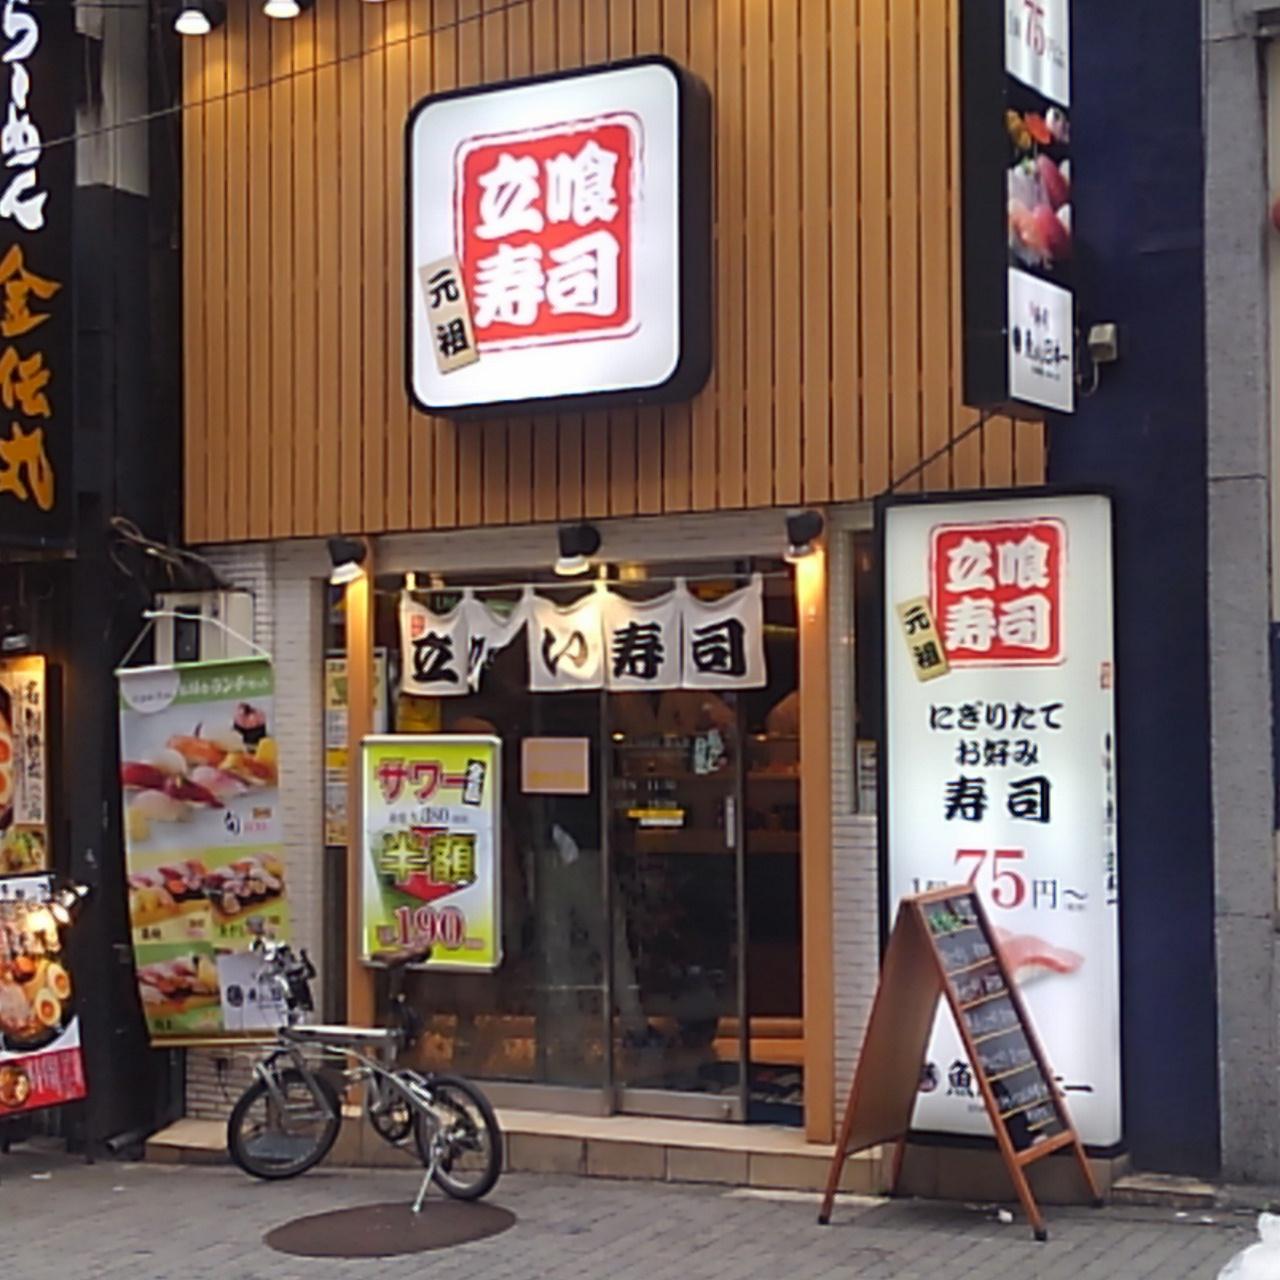 魚がし日本一(渋谷) サワー半額190円! 一貫75円で回らないお寿司を堪能!